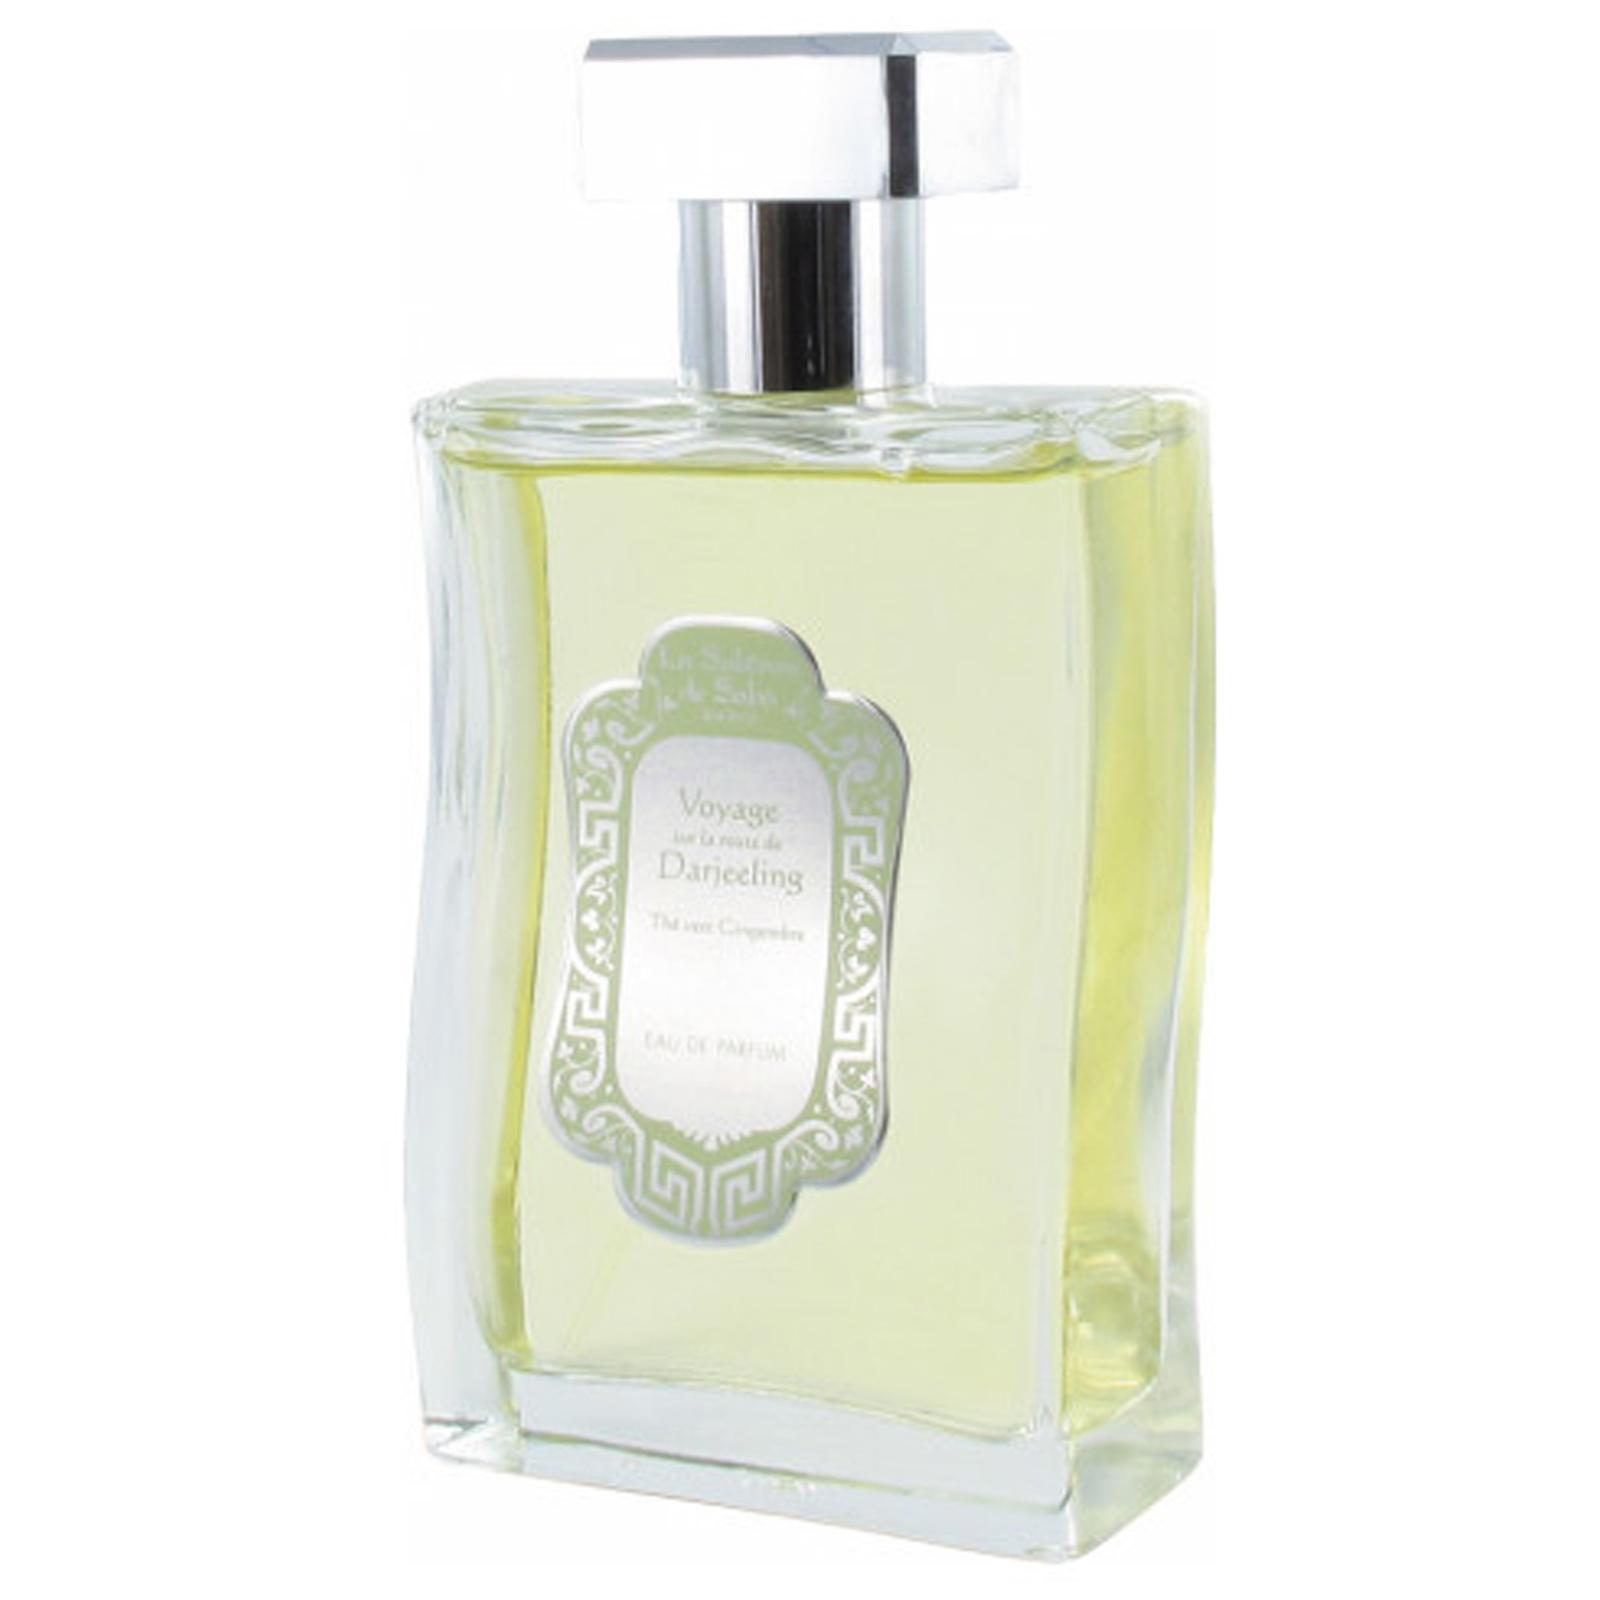 Thé-vert gingembre profumo eau de parfum 100 ml